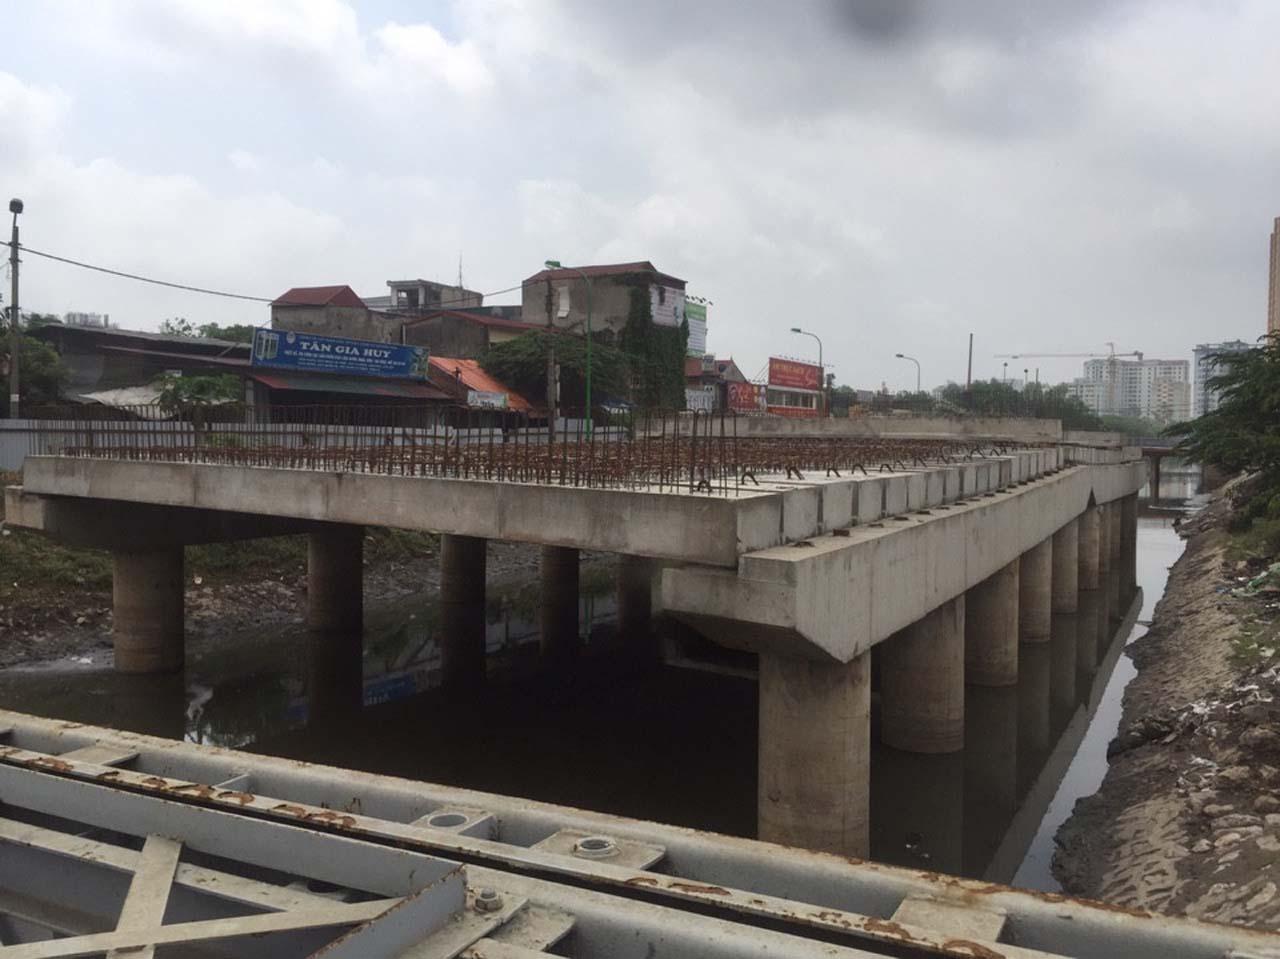 Dầm cầu L3 nằm trên dự án đường vành đai 2,5 đã được đặt